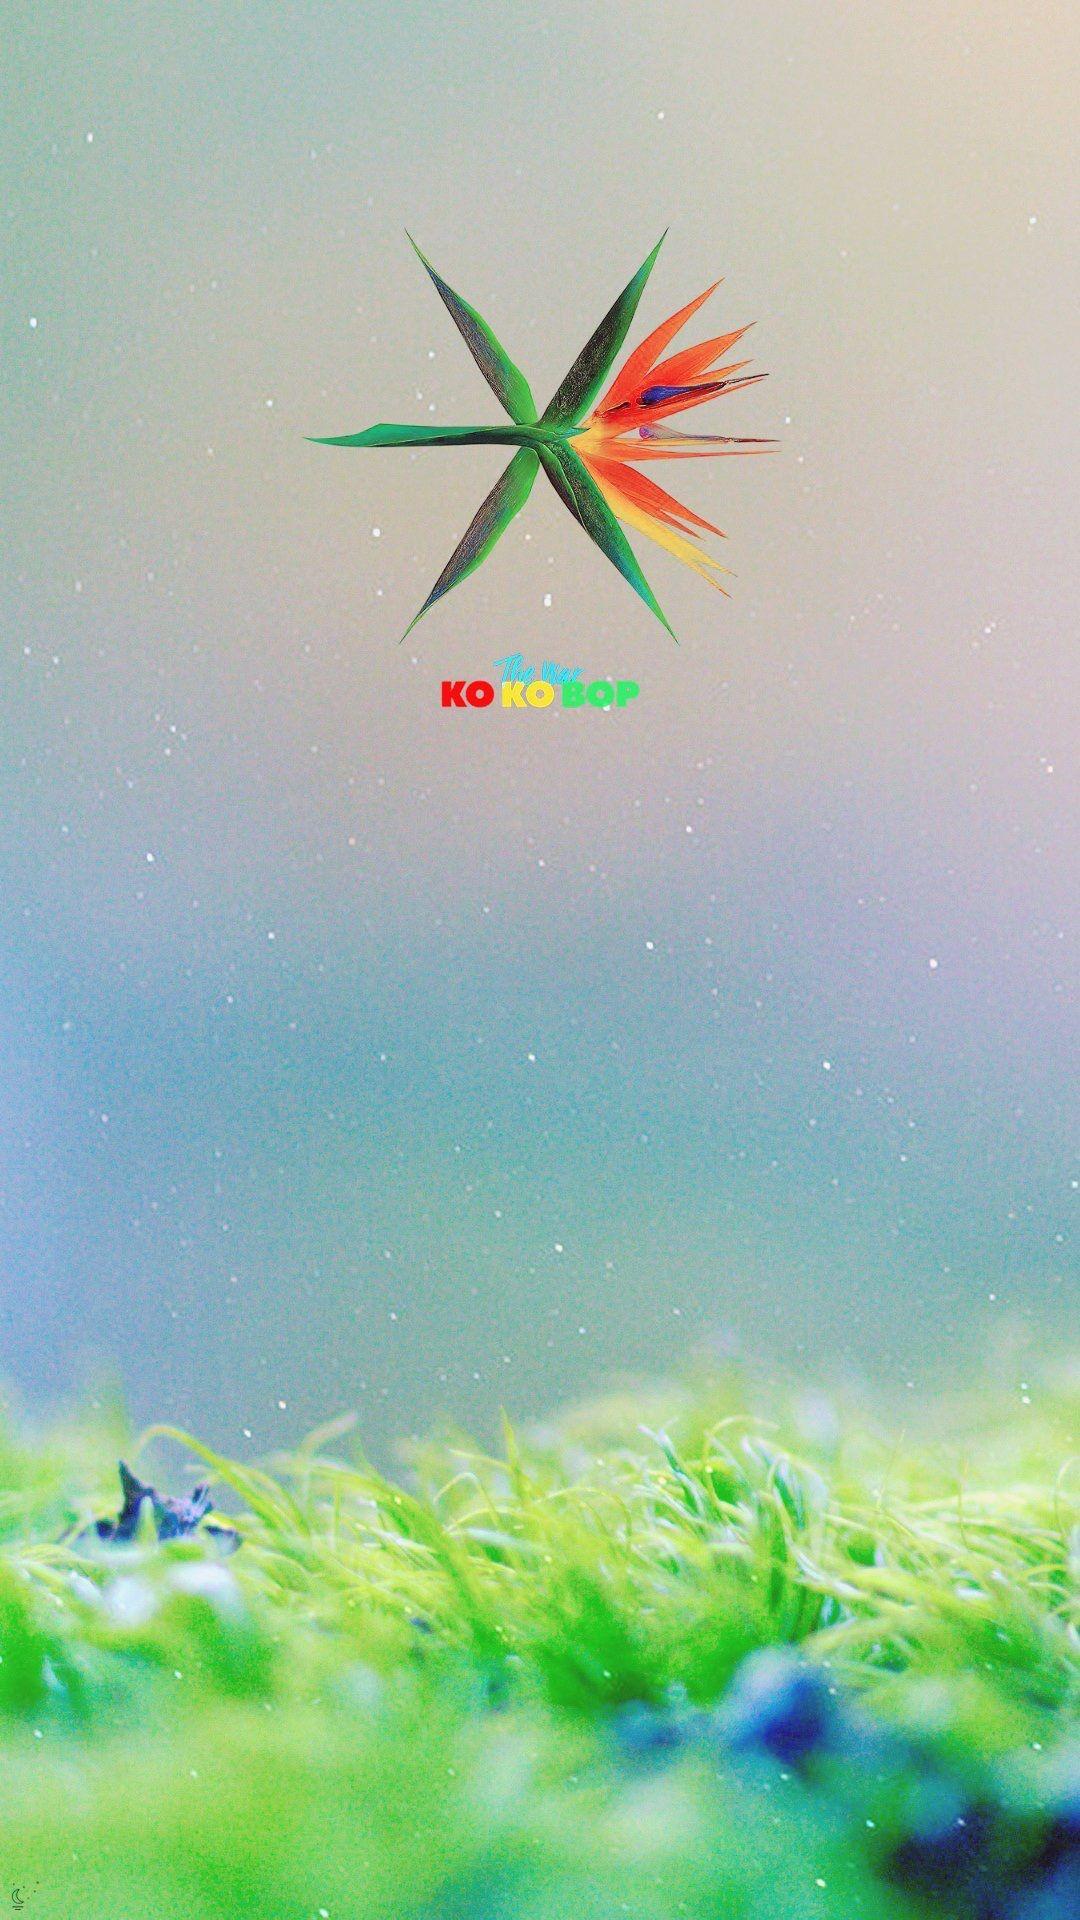 Exo Wallpaper Kokobop Wallpapers Pinterest Exo Exo Kokobop